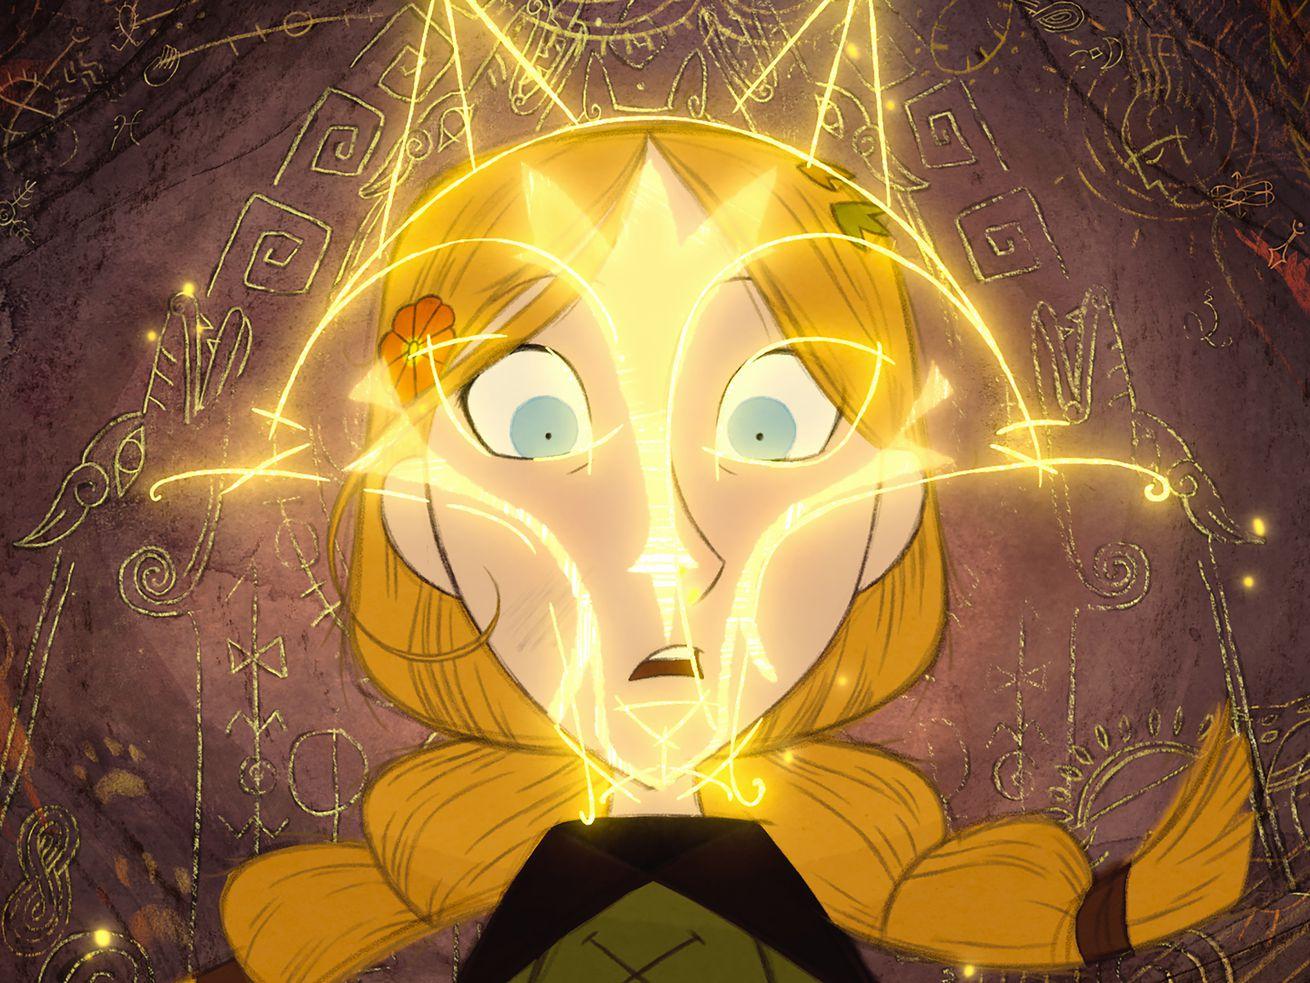 Le visage d'une fille de dessin animé est recouvert d'une forme de loup.